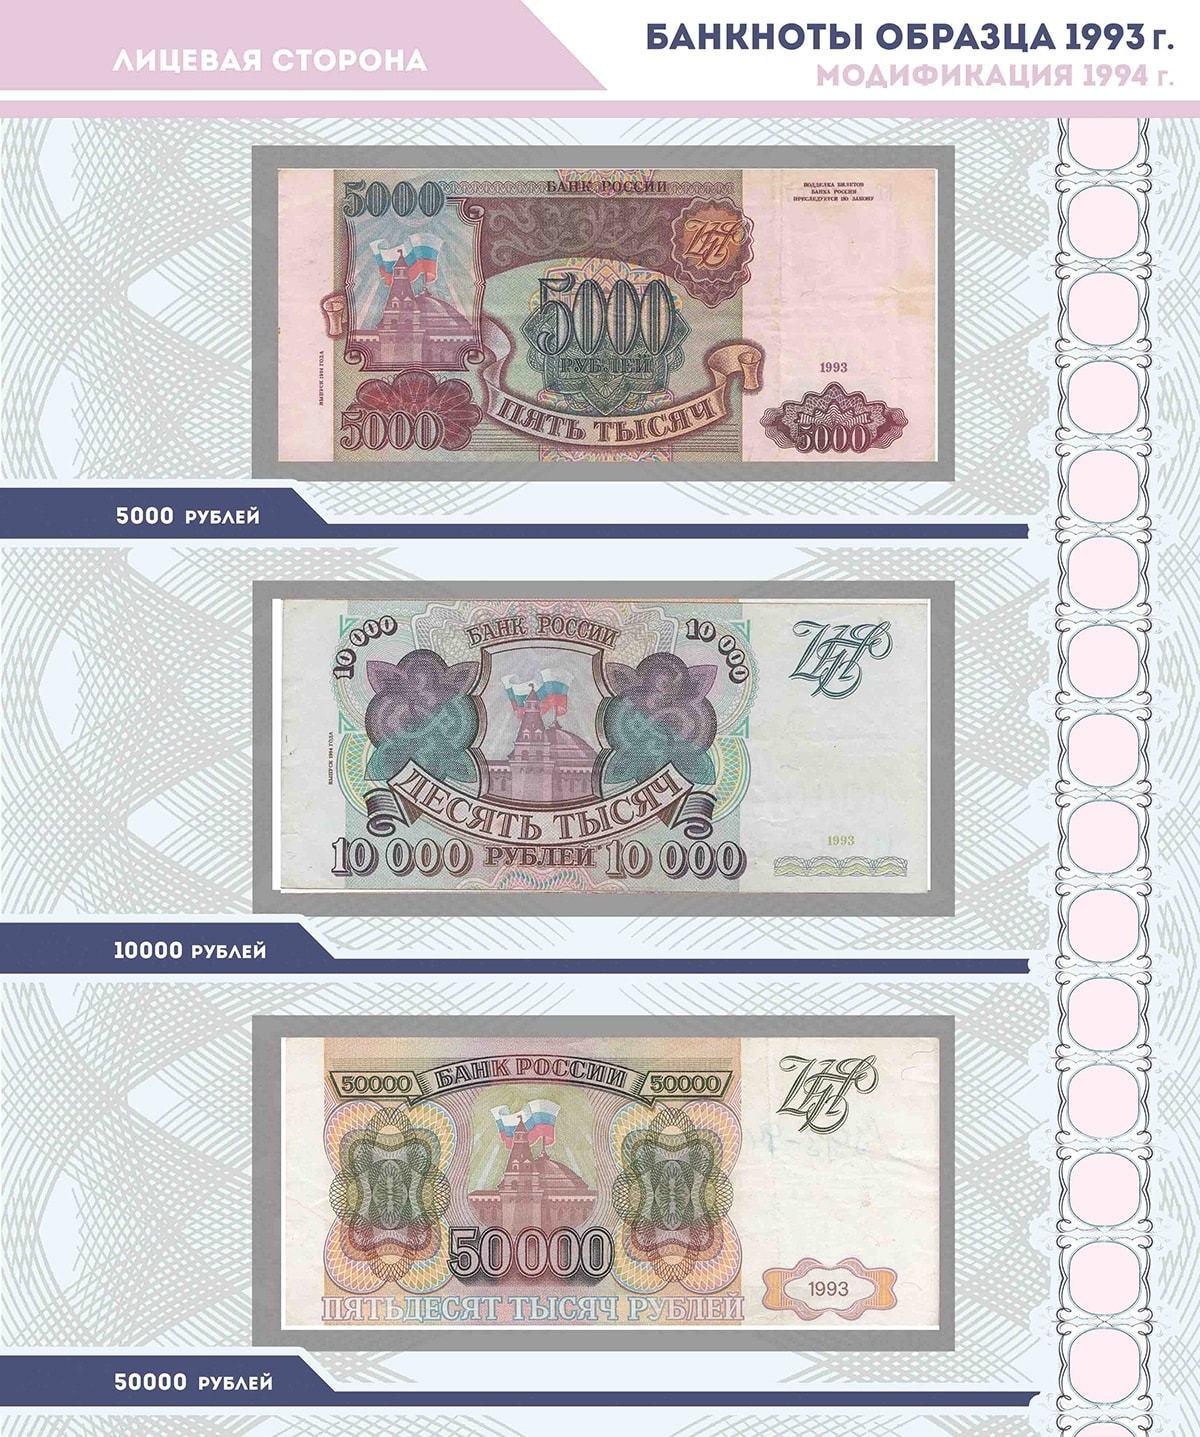 Альбом для банкнот Российской Федерации Коллекционеръ